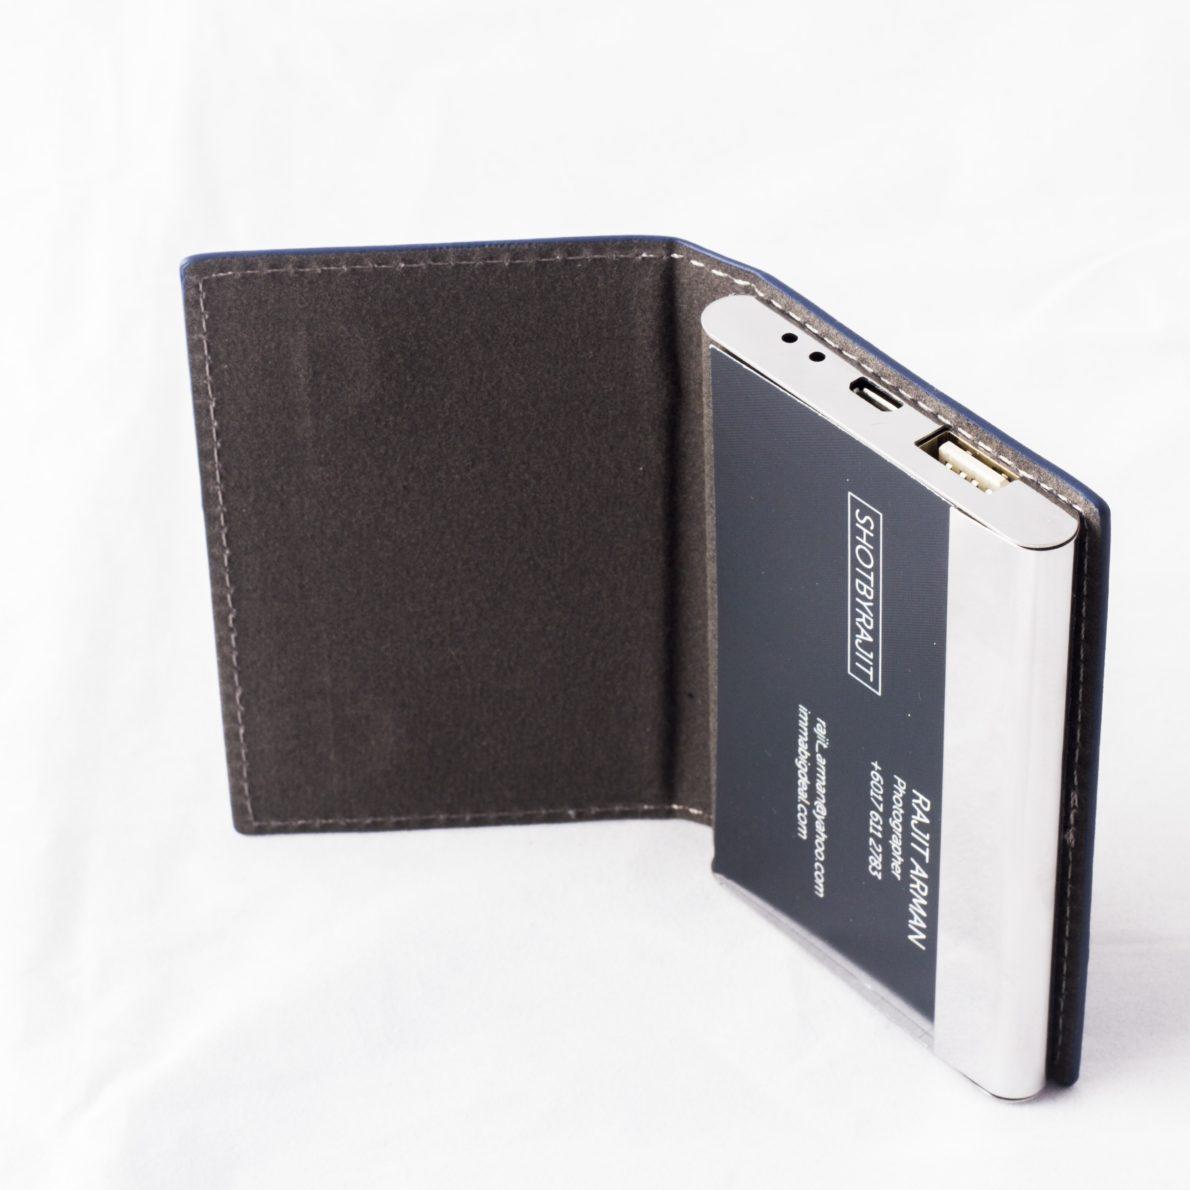 SMODO Business card holder power bank - Welcome to BrandBazaarBD.com ...